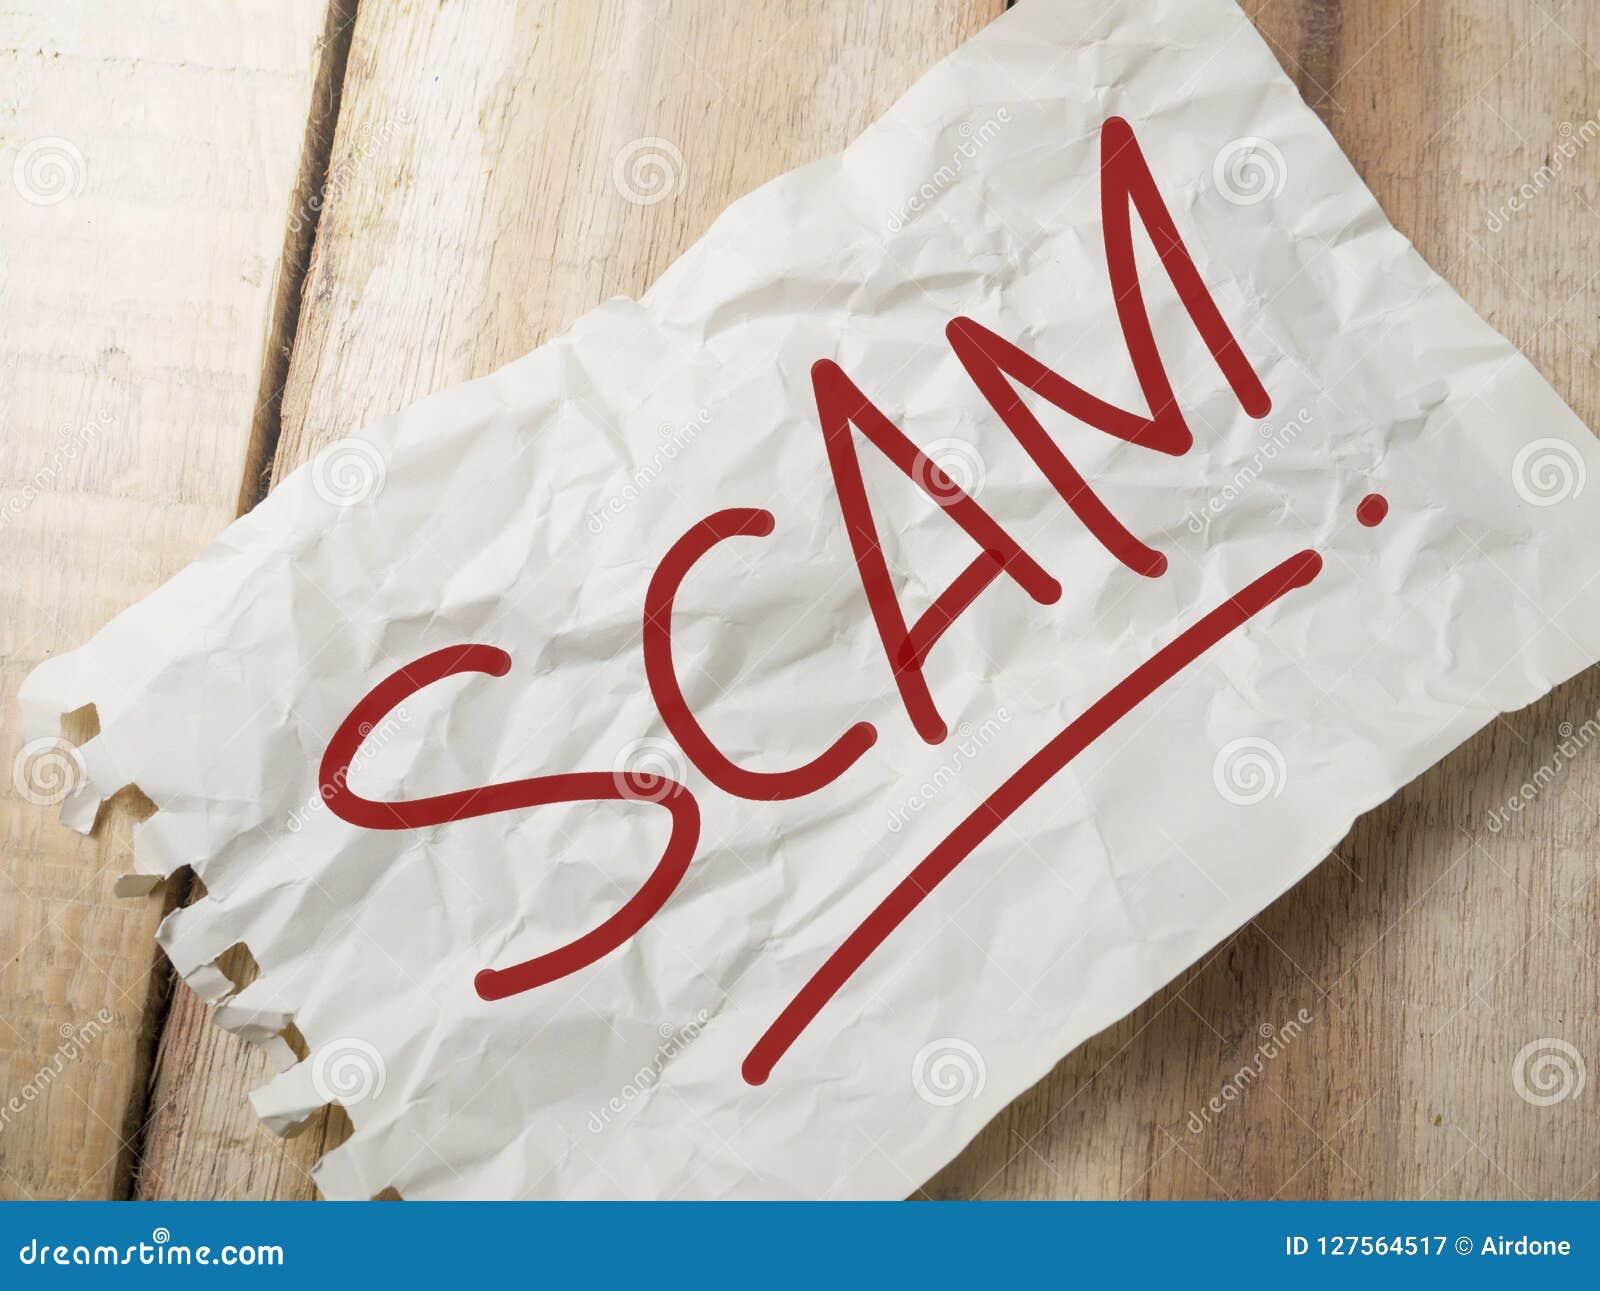 Scam-Alarm, Concept van de Woordencitaten van Internet het Frauduleuze